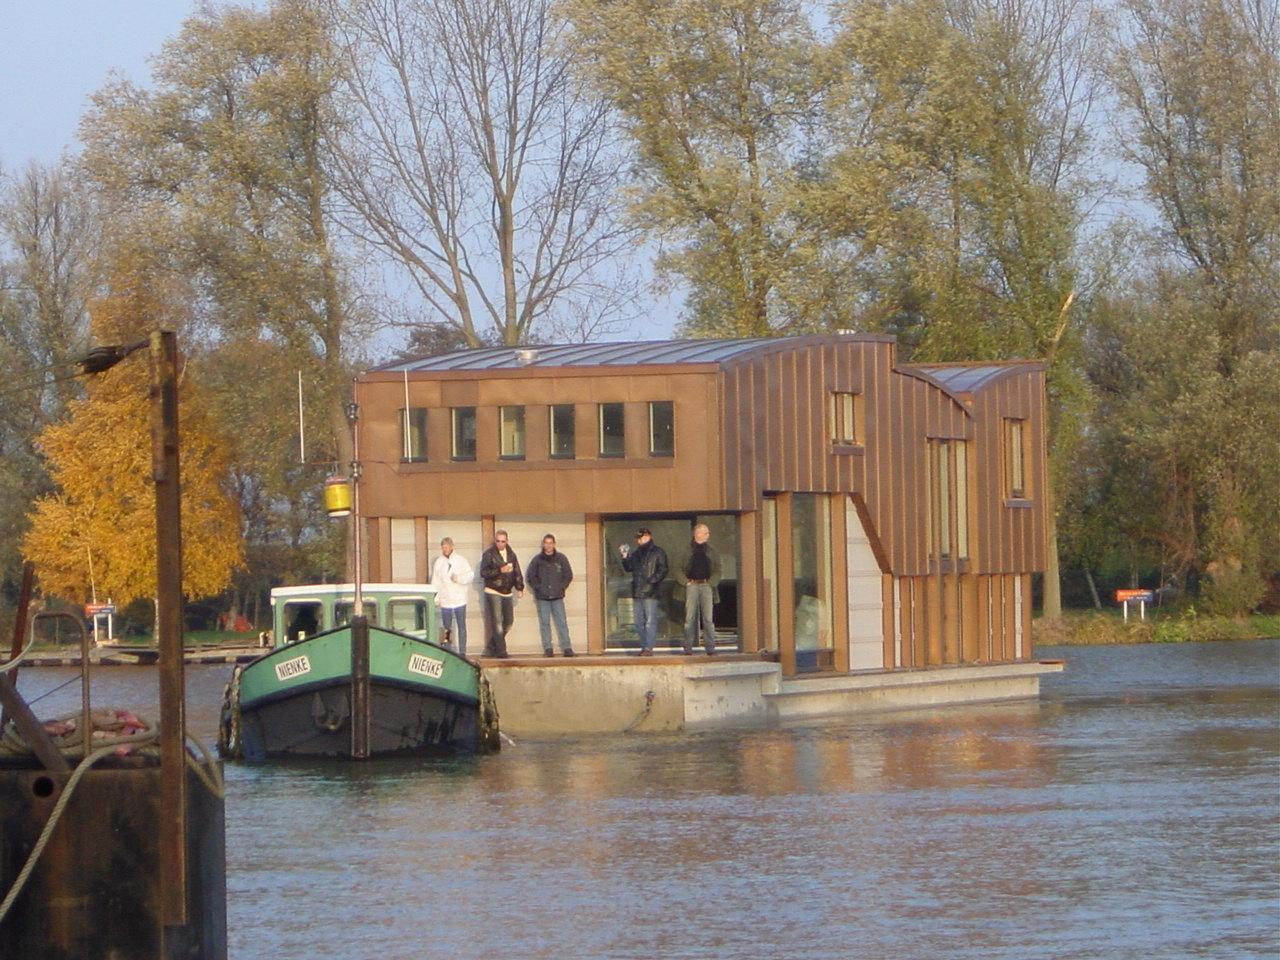 Nieuwbouw woonboot waterwoning in Amsterdam de ligplaats is in zicht